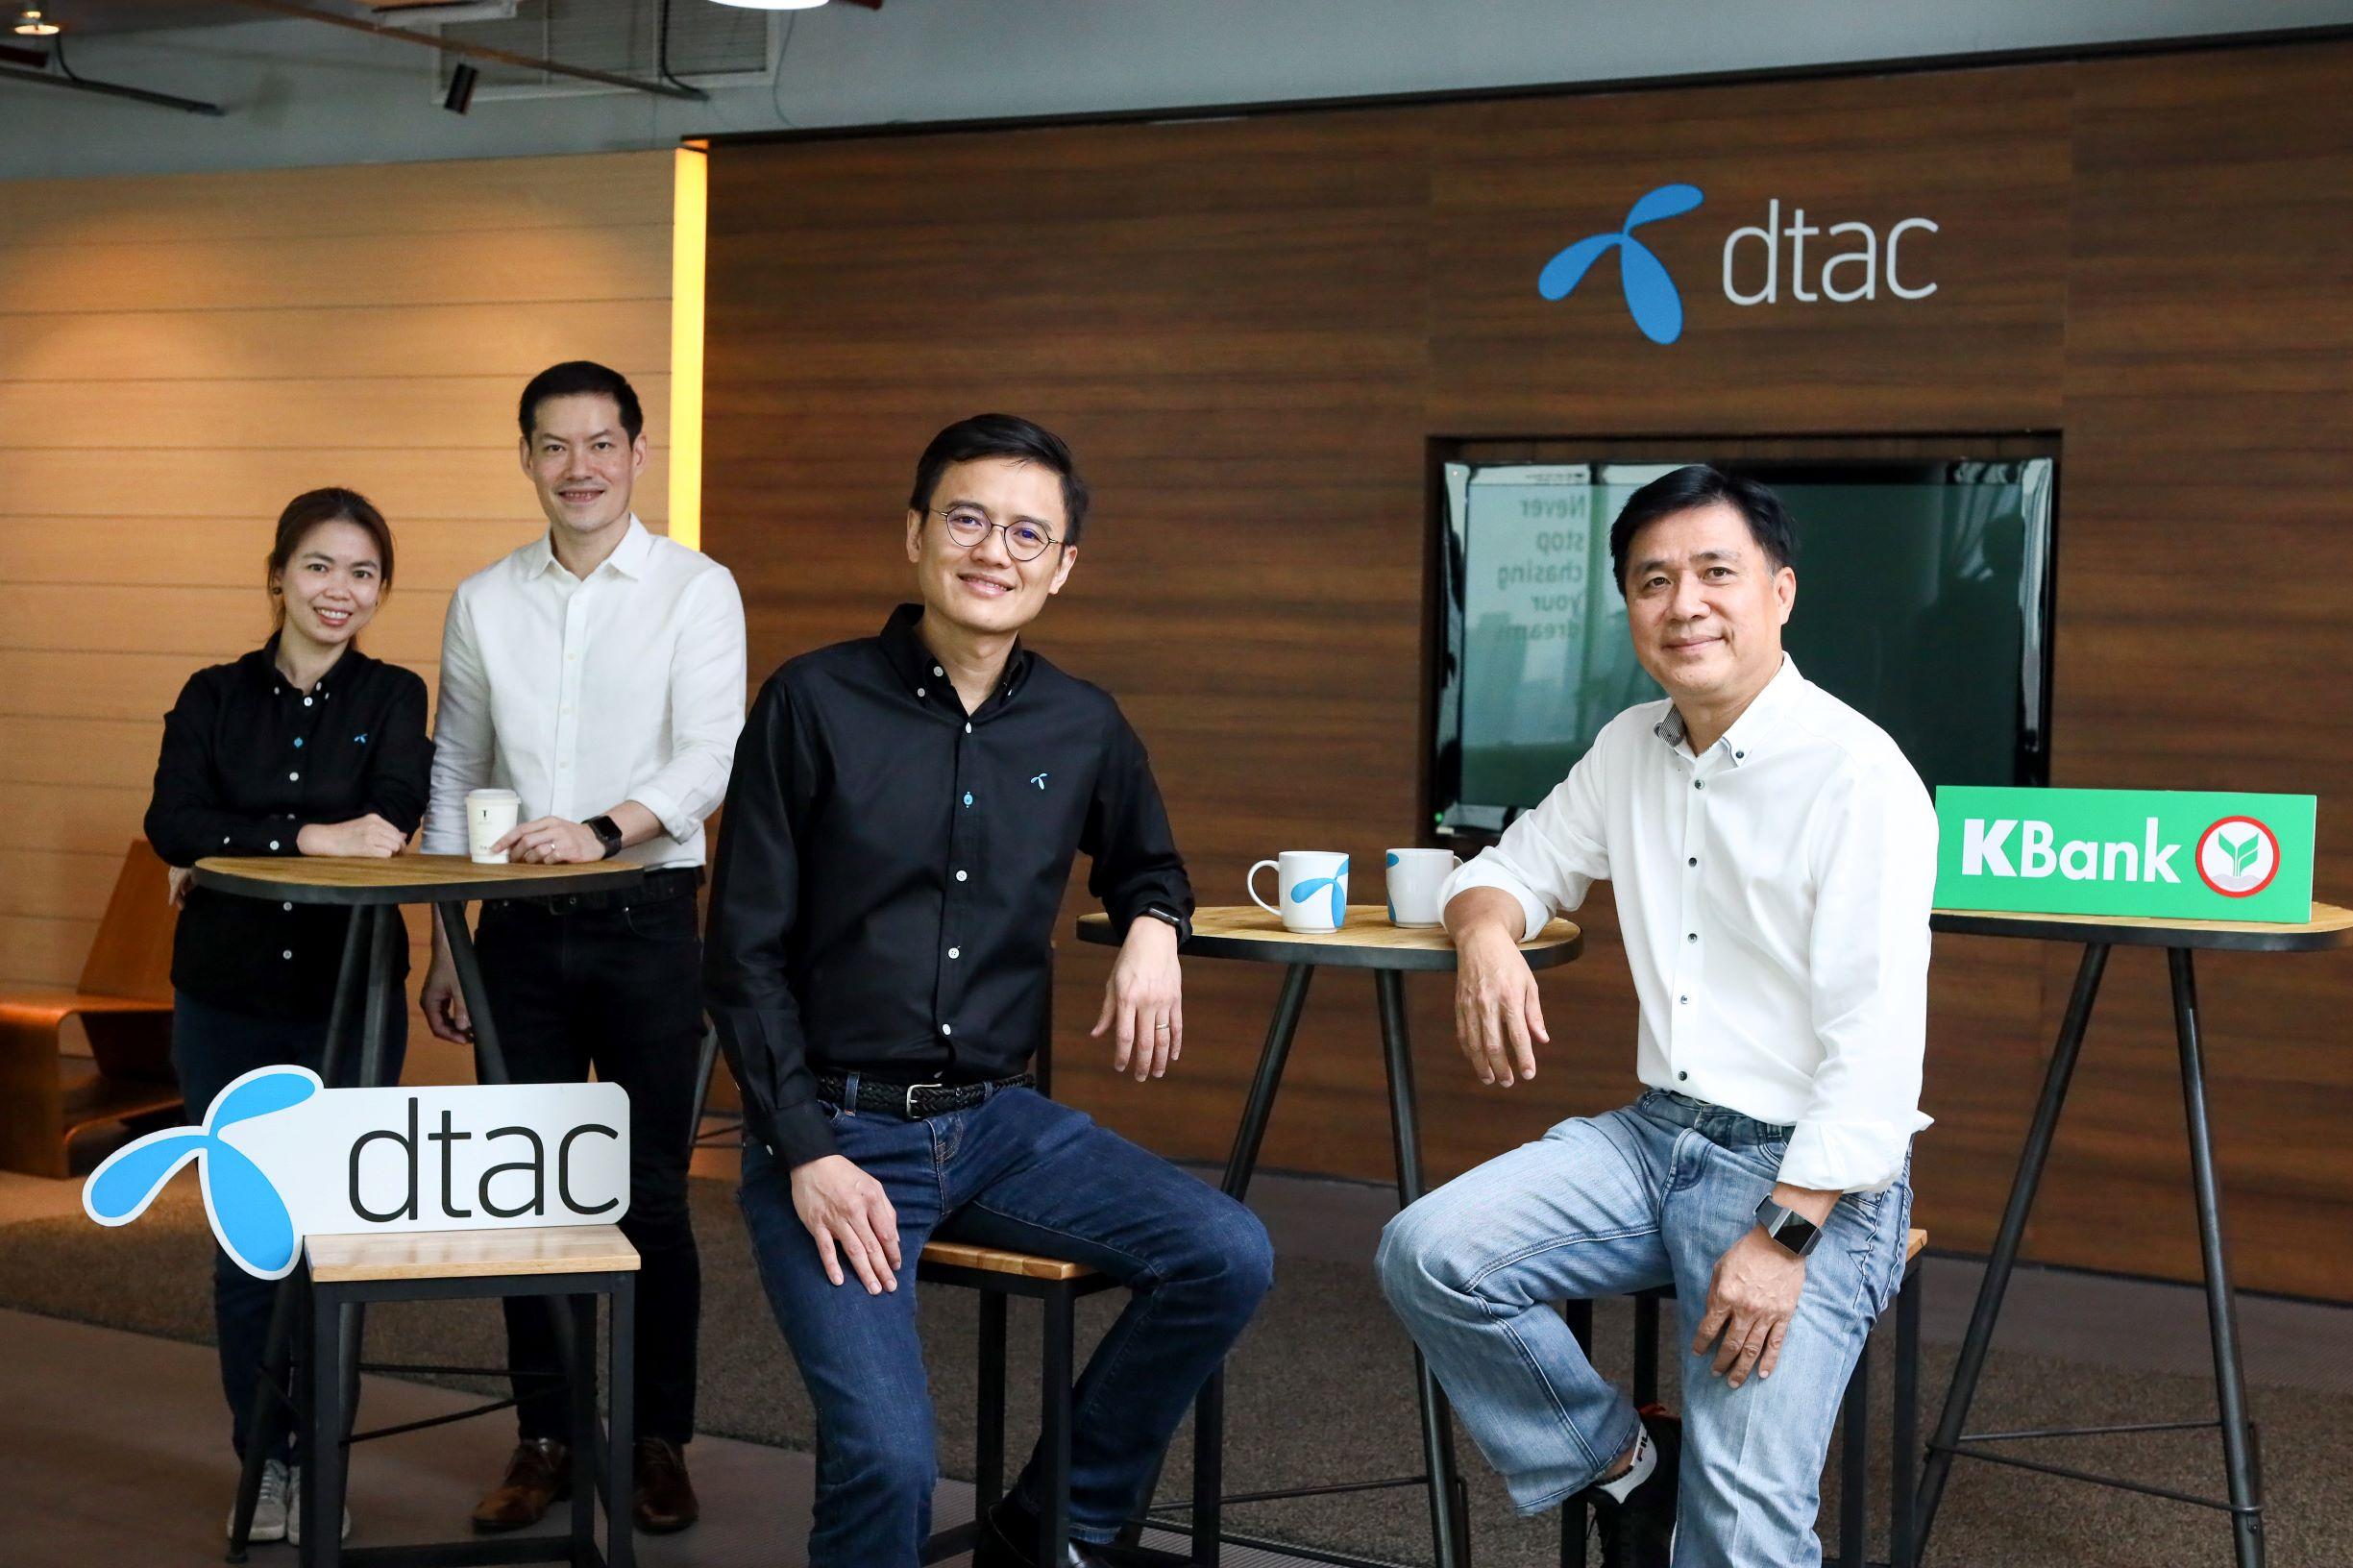 ดีแทคร่วมมือกับธนาคารกสิกรไทย มอบสิทธิพิเศษให้กลุ่มเยาวชน พร้อมพัฒนาบริการดิจิทัล มอบประโยชน์สูงสุดให้กับผู้ใช้บริการรอบด้าน